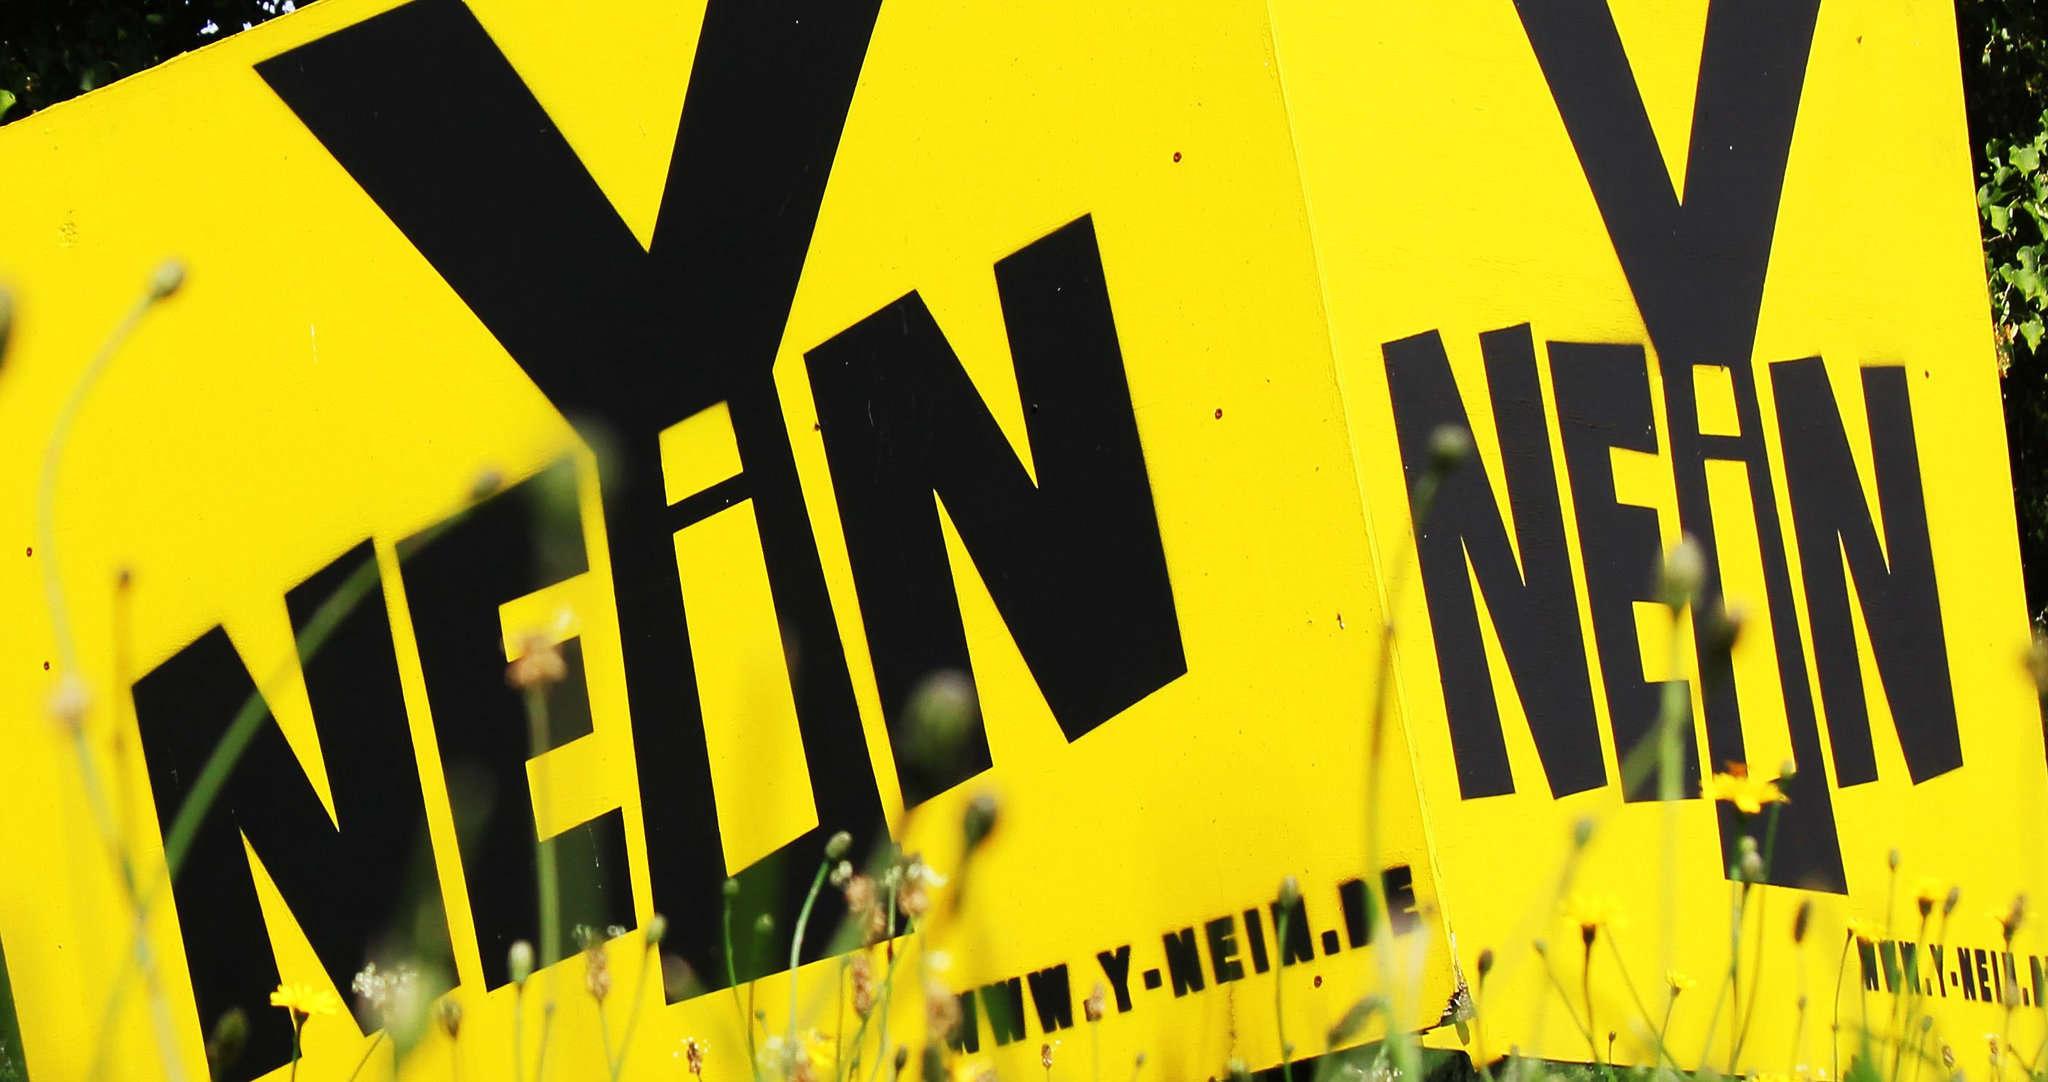 Der jahrelange Protest gegen die Y-Trasse hat sein Ziel erreicht, das Land Niedersachsen entfernte das umstrittene Projekt aus dem Landesraumordnungsprogramm. Foto: Nina Baucke